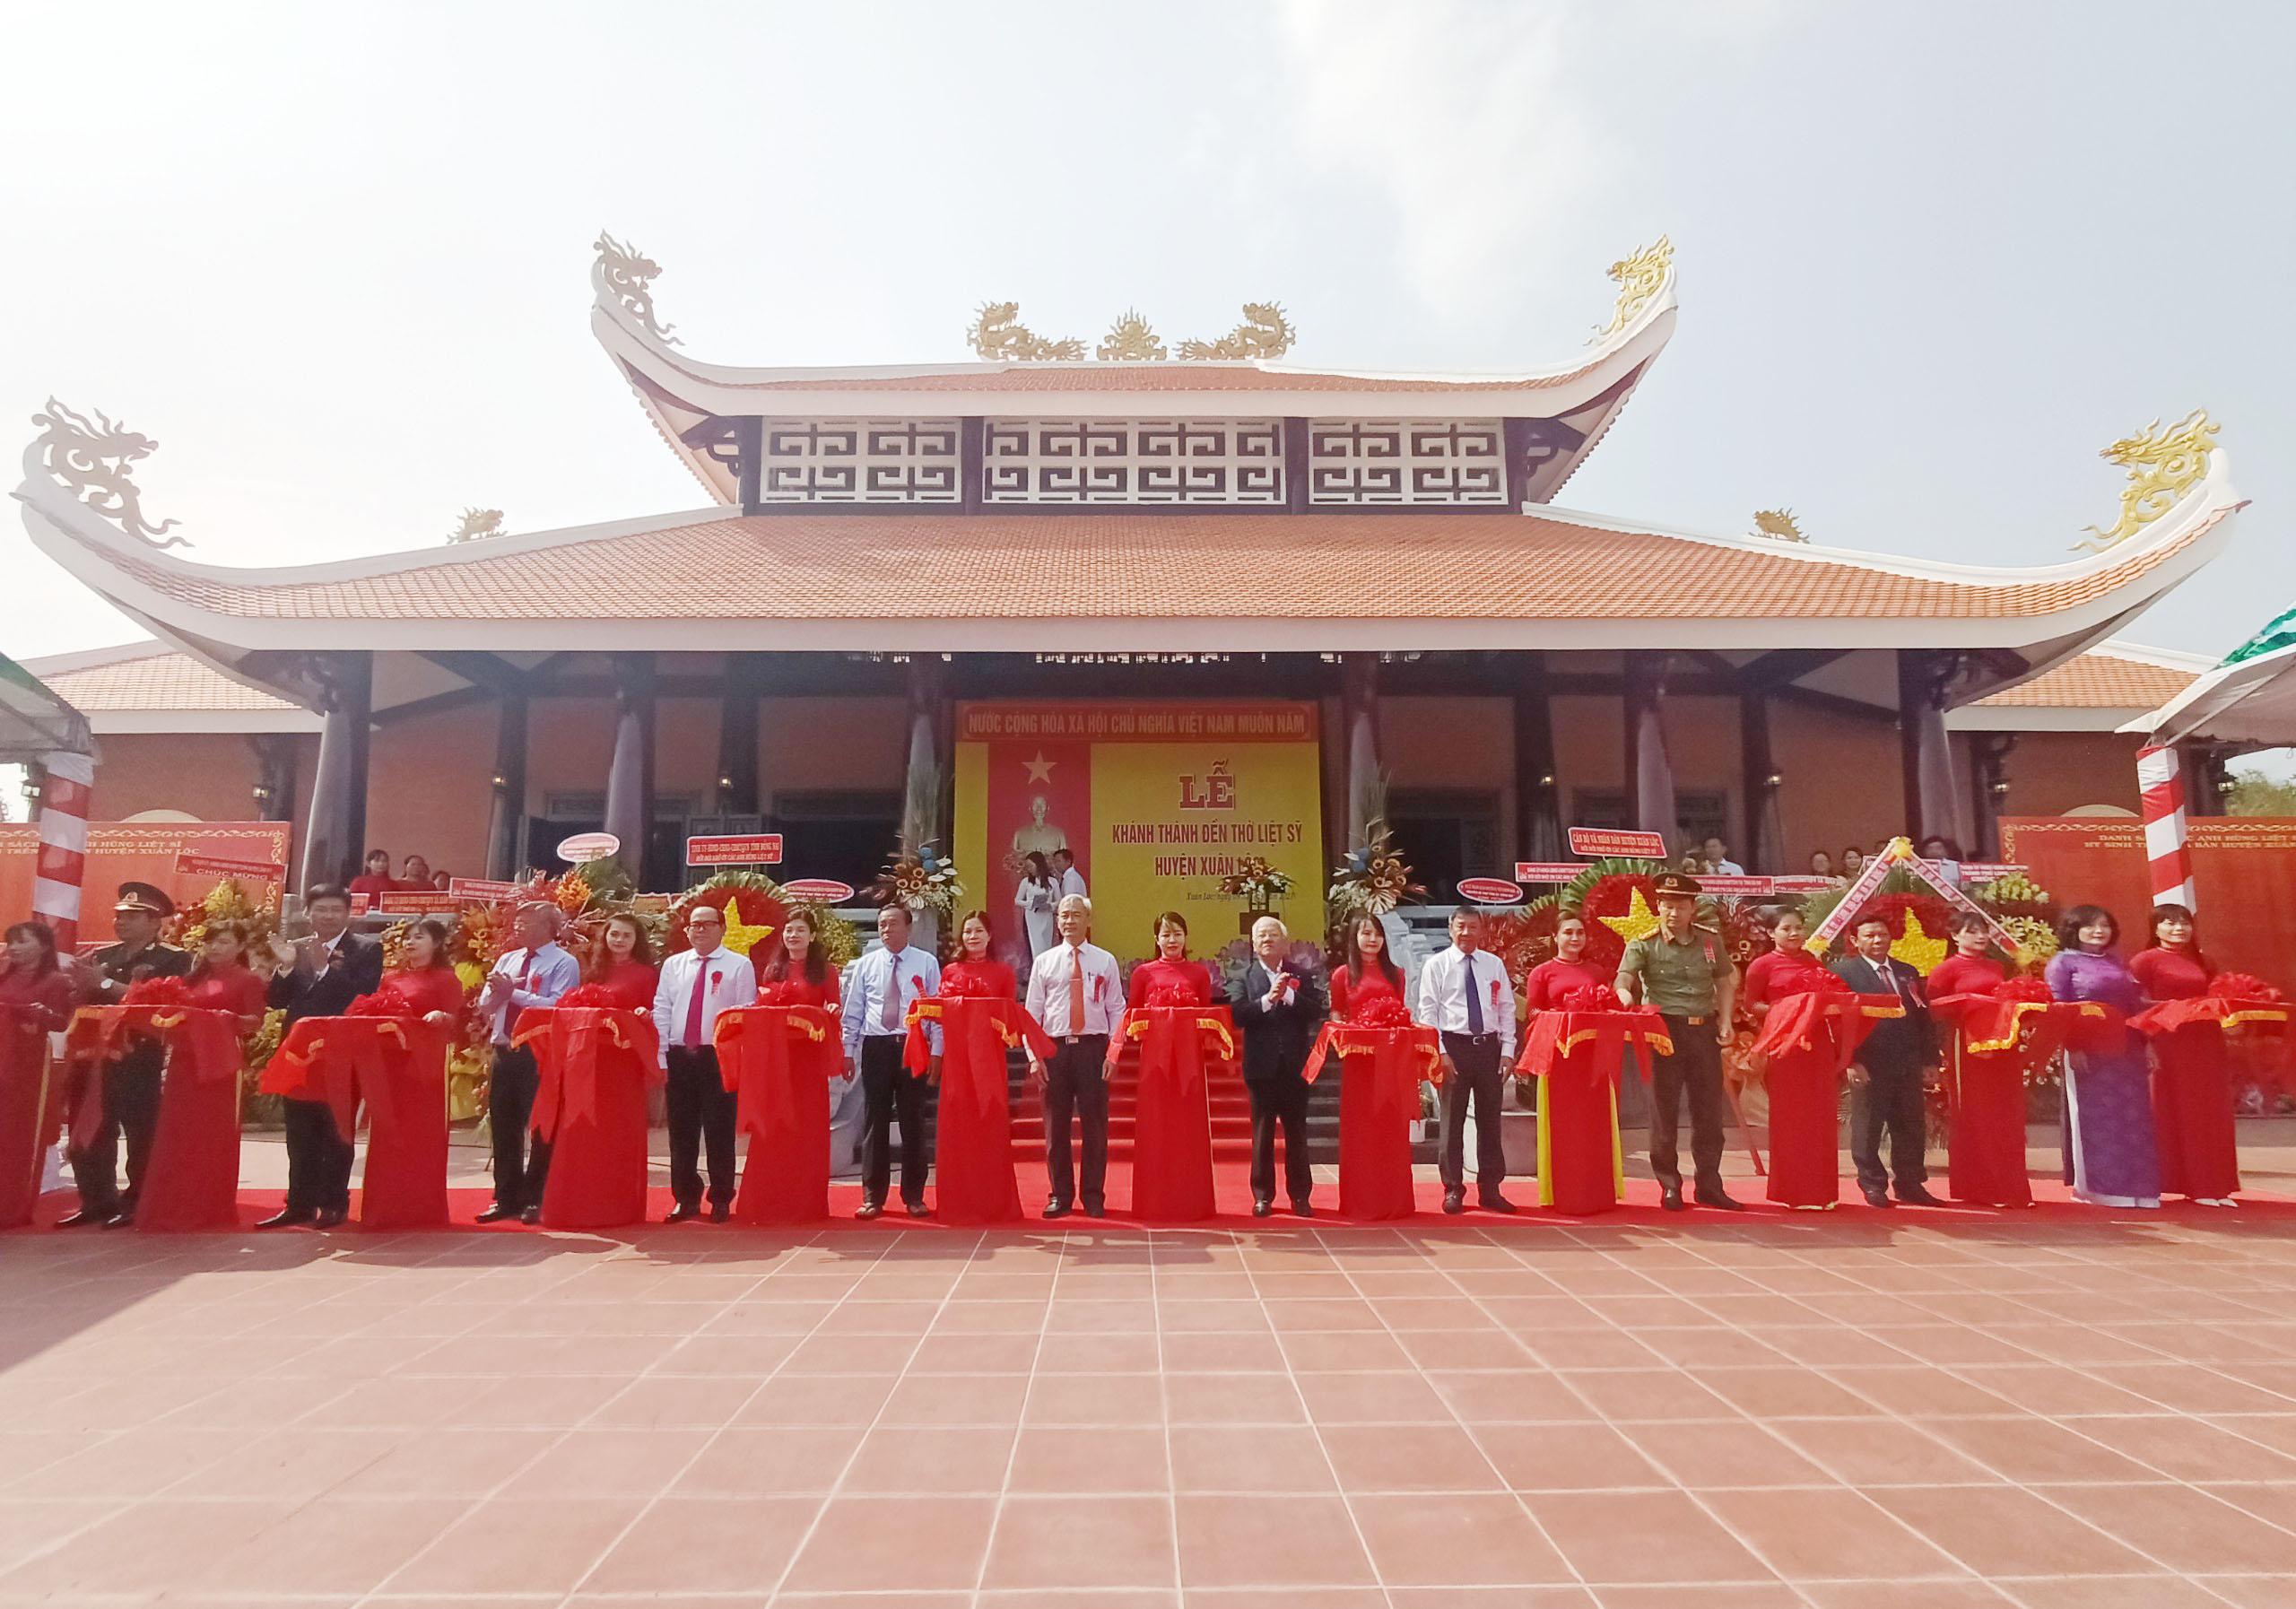 Các đồng chí Lãnh đạo tỉnh Đồng Nai, huyện Xuân Lộc cắt băng khánh thành Đền thờ Liệt sỹ huyện Xuân Lộc